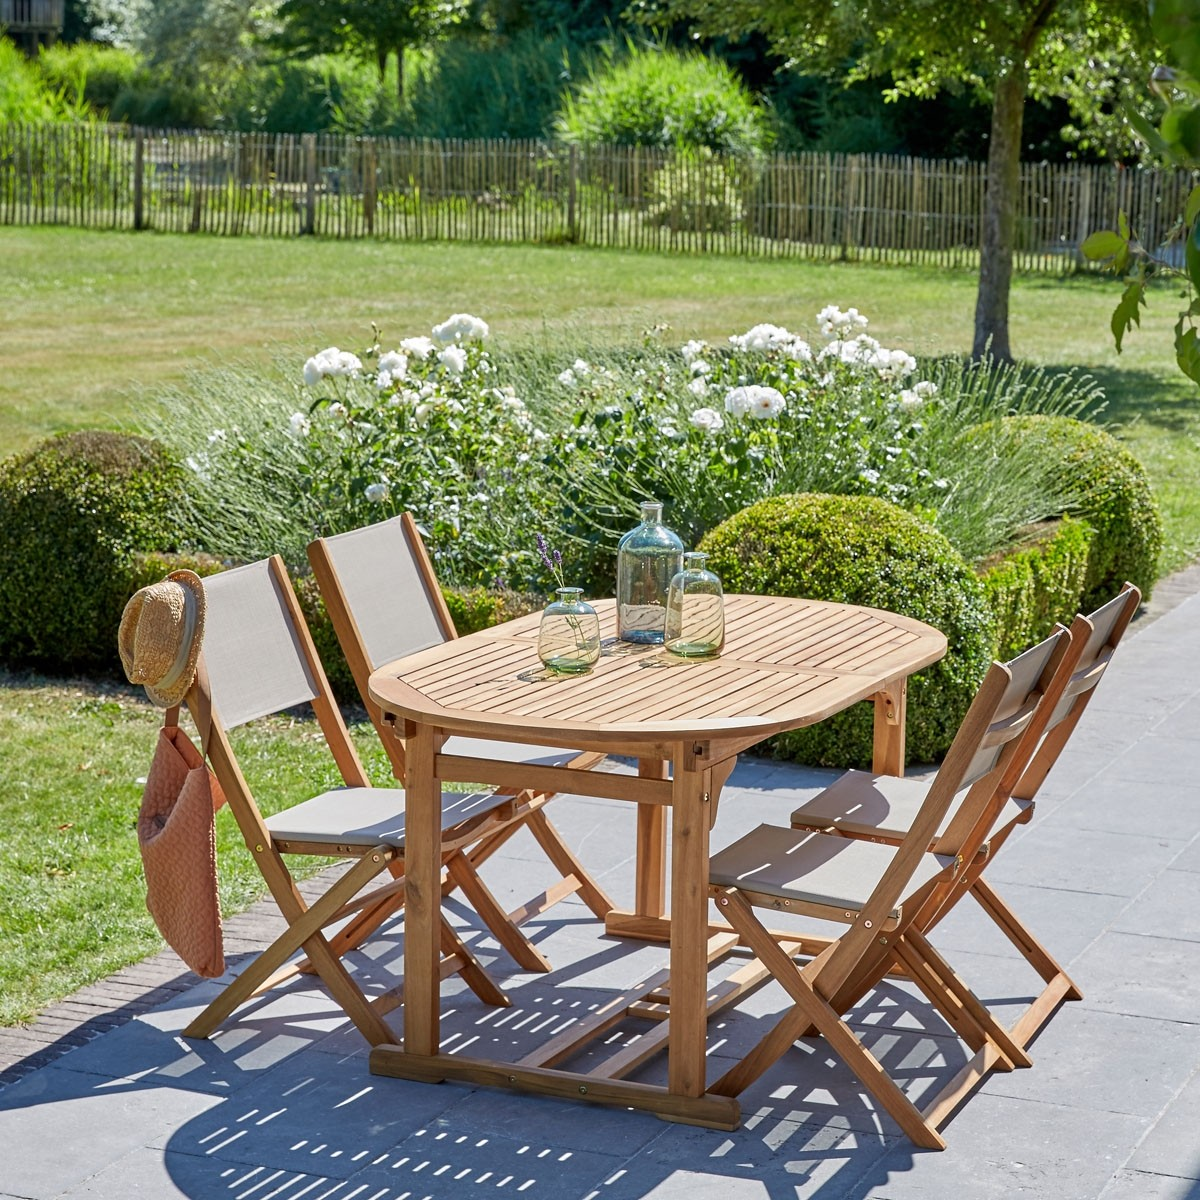 Salon de jardin en bois d 39 acacia et textil ne fsc bois dessus bois dessous - Salon de jardin acacia et alu ...